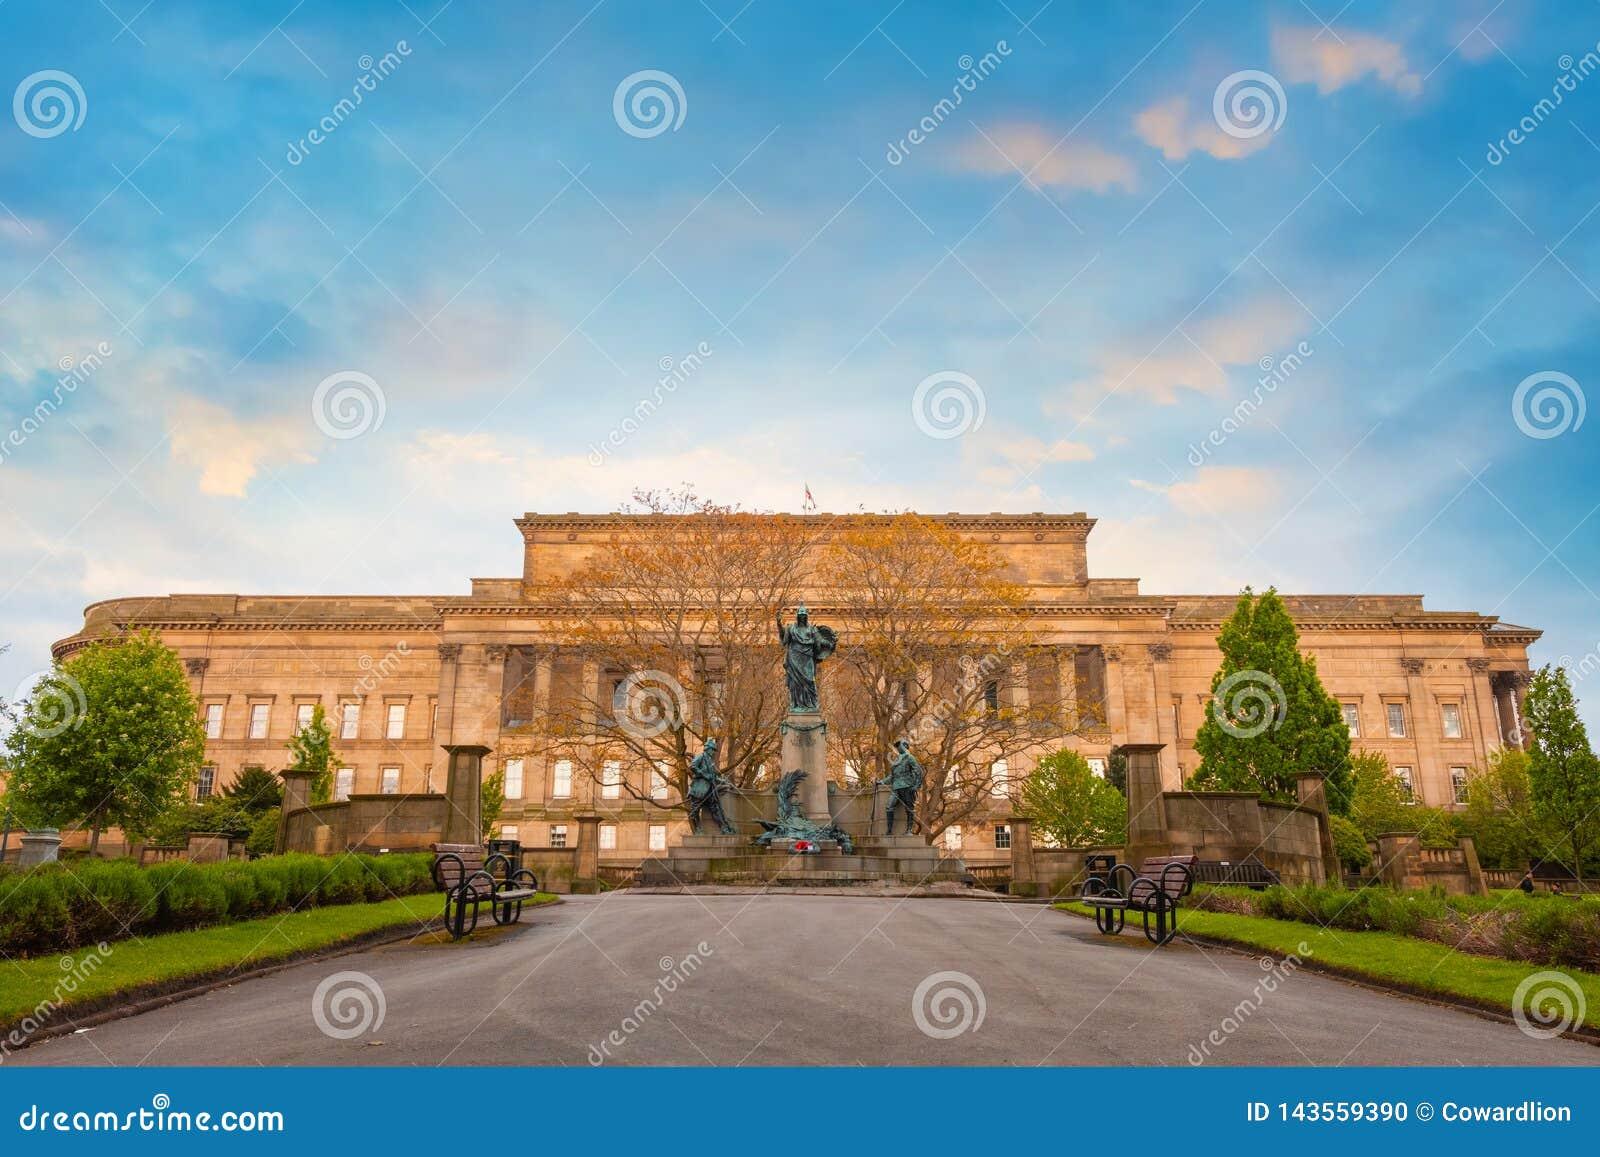 Μνημείο στο σύνταγμα του Λίβερπουλ του βασιλιά στο Λίβερπουλ, UK